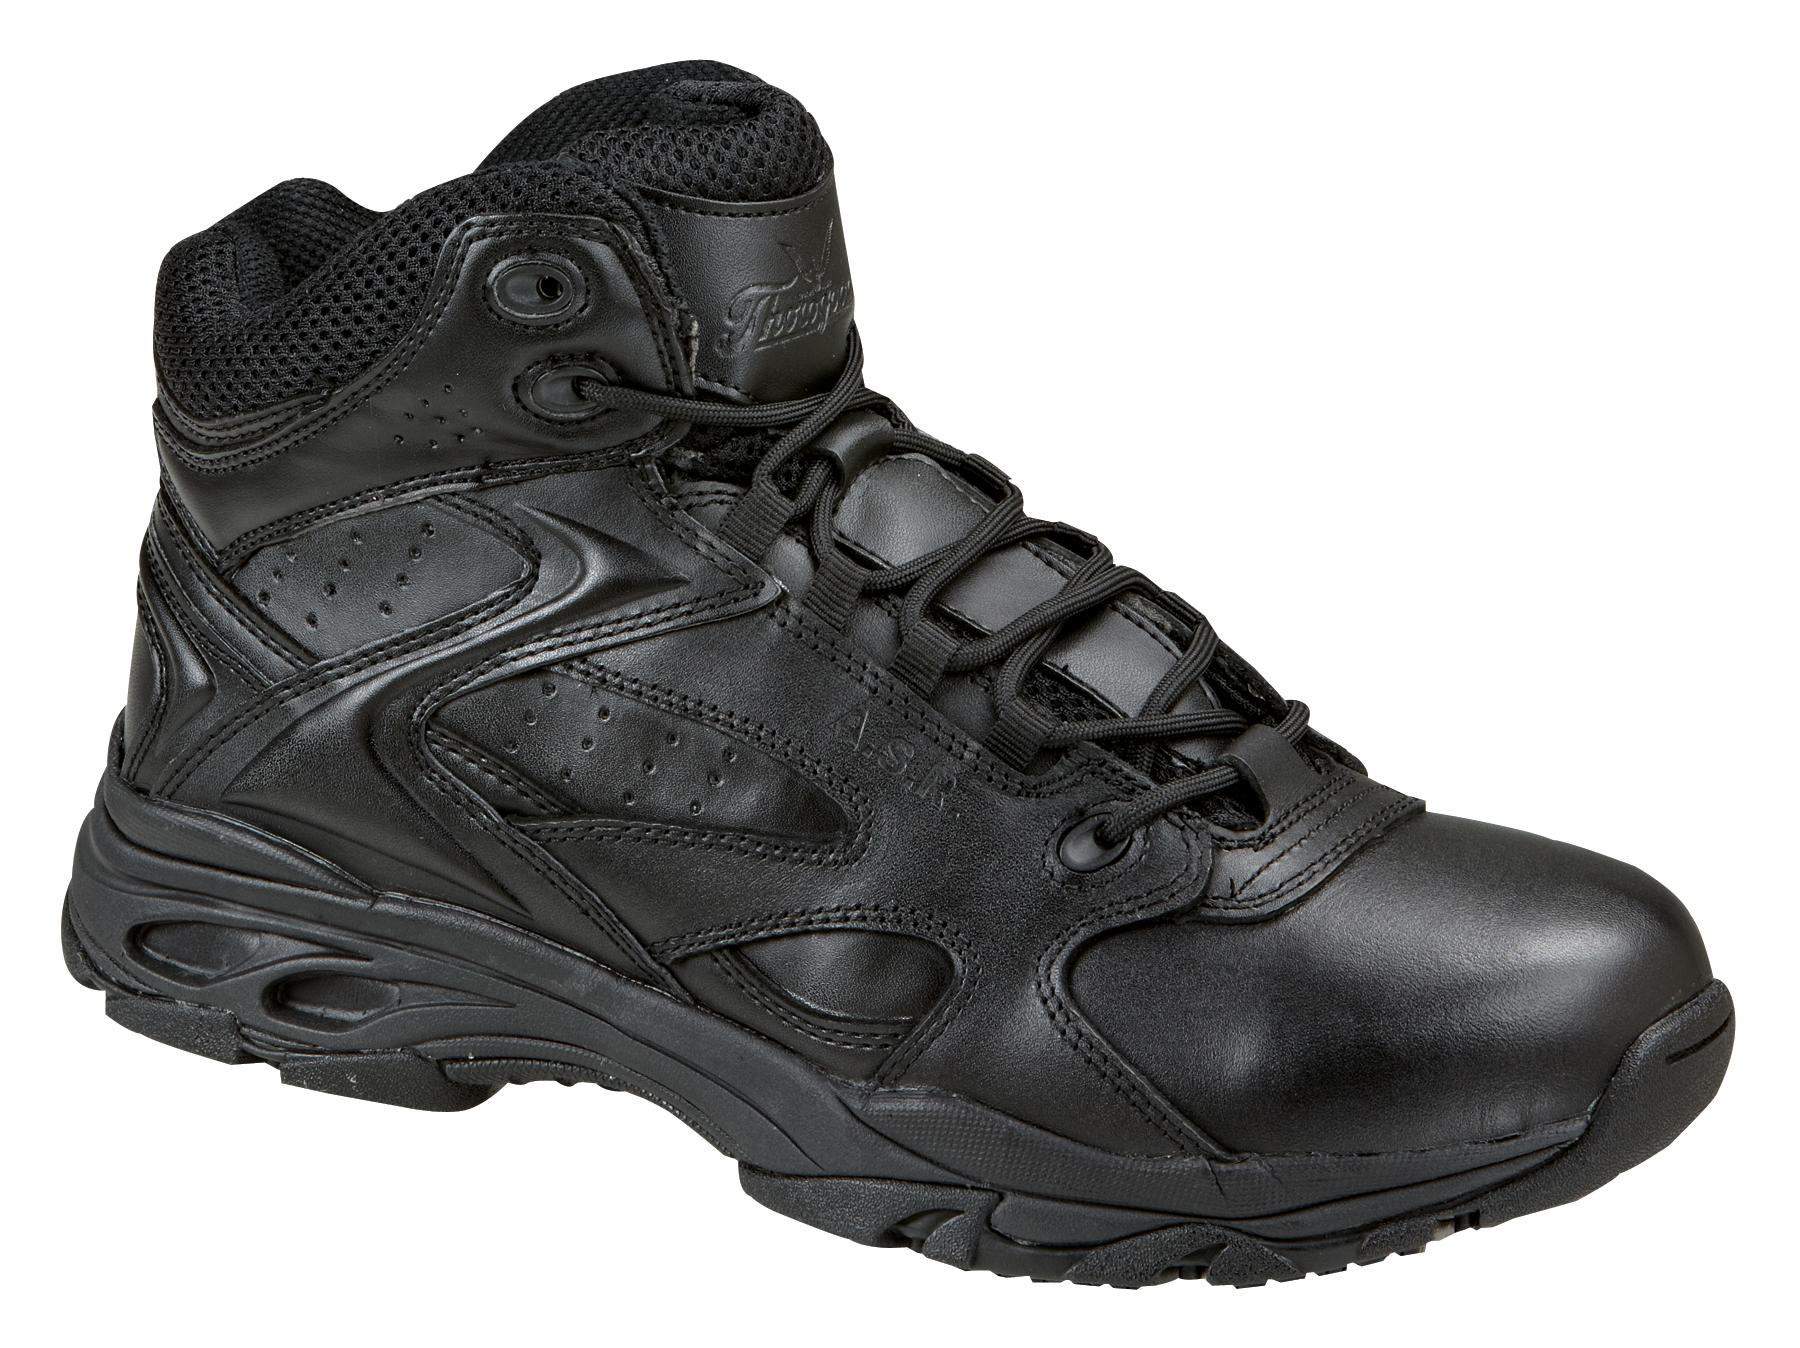 Best light work boots